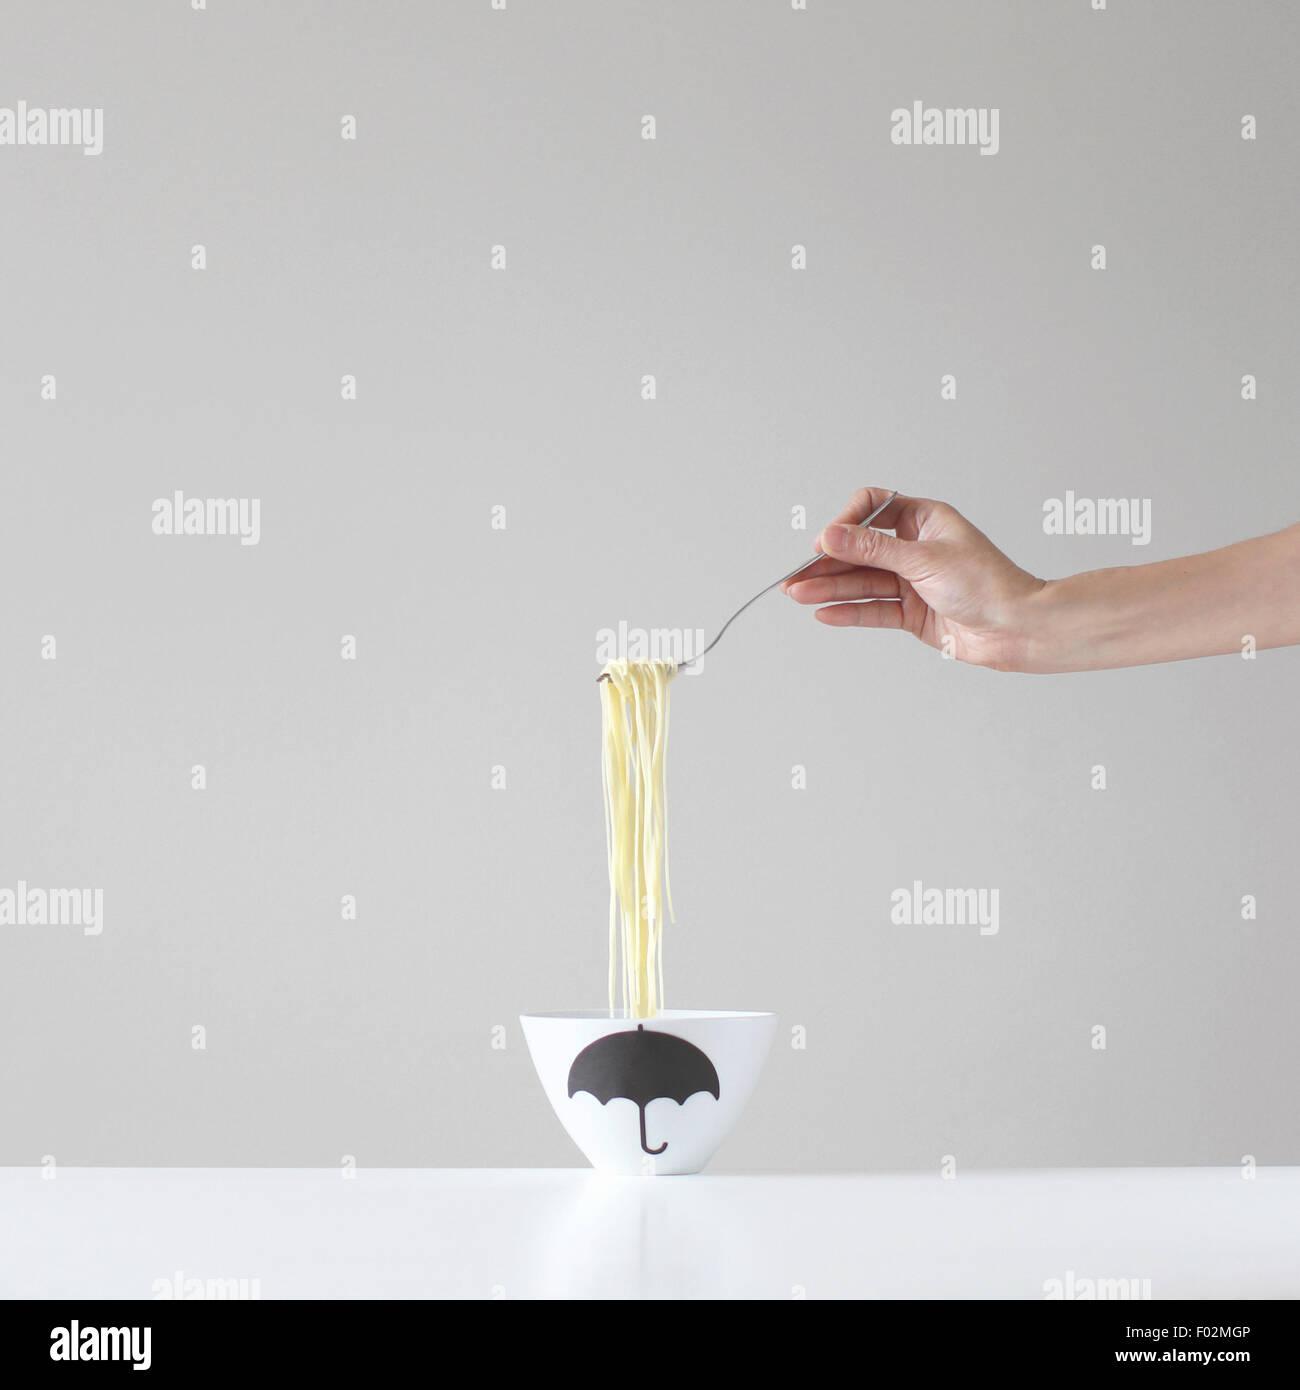 Mano sujetando un forkful de espaguetis sobre un tazón Imagen De Stock